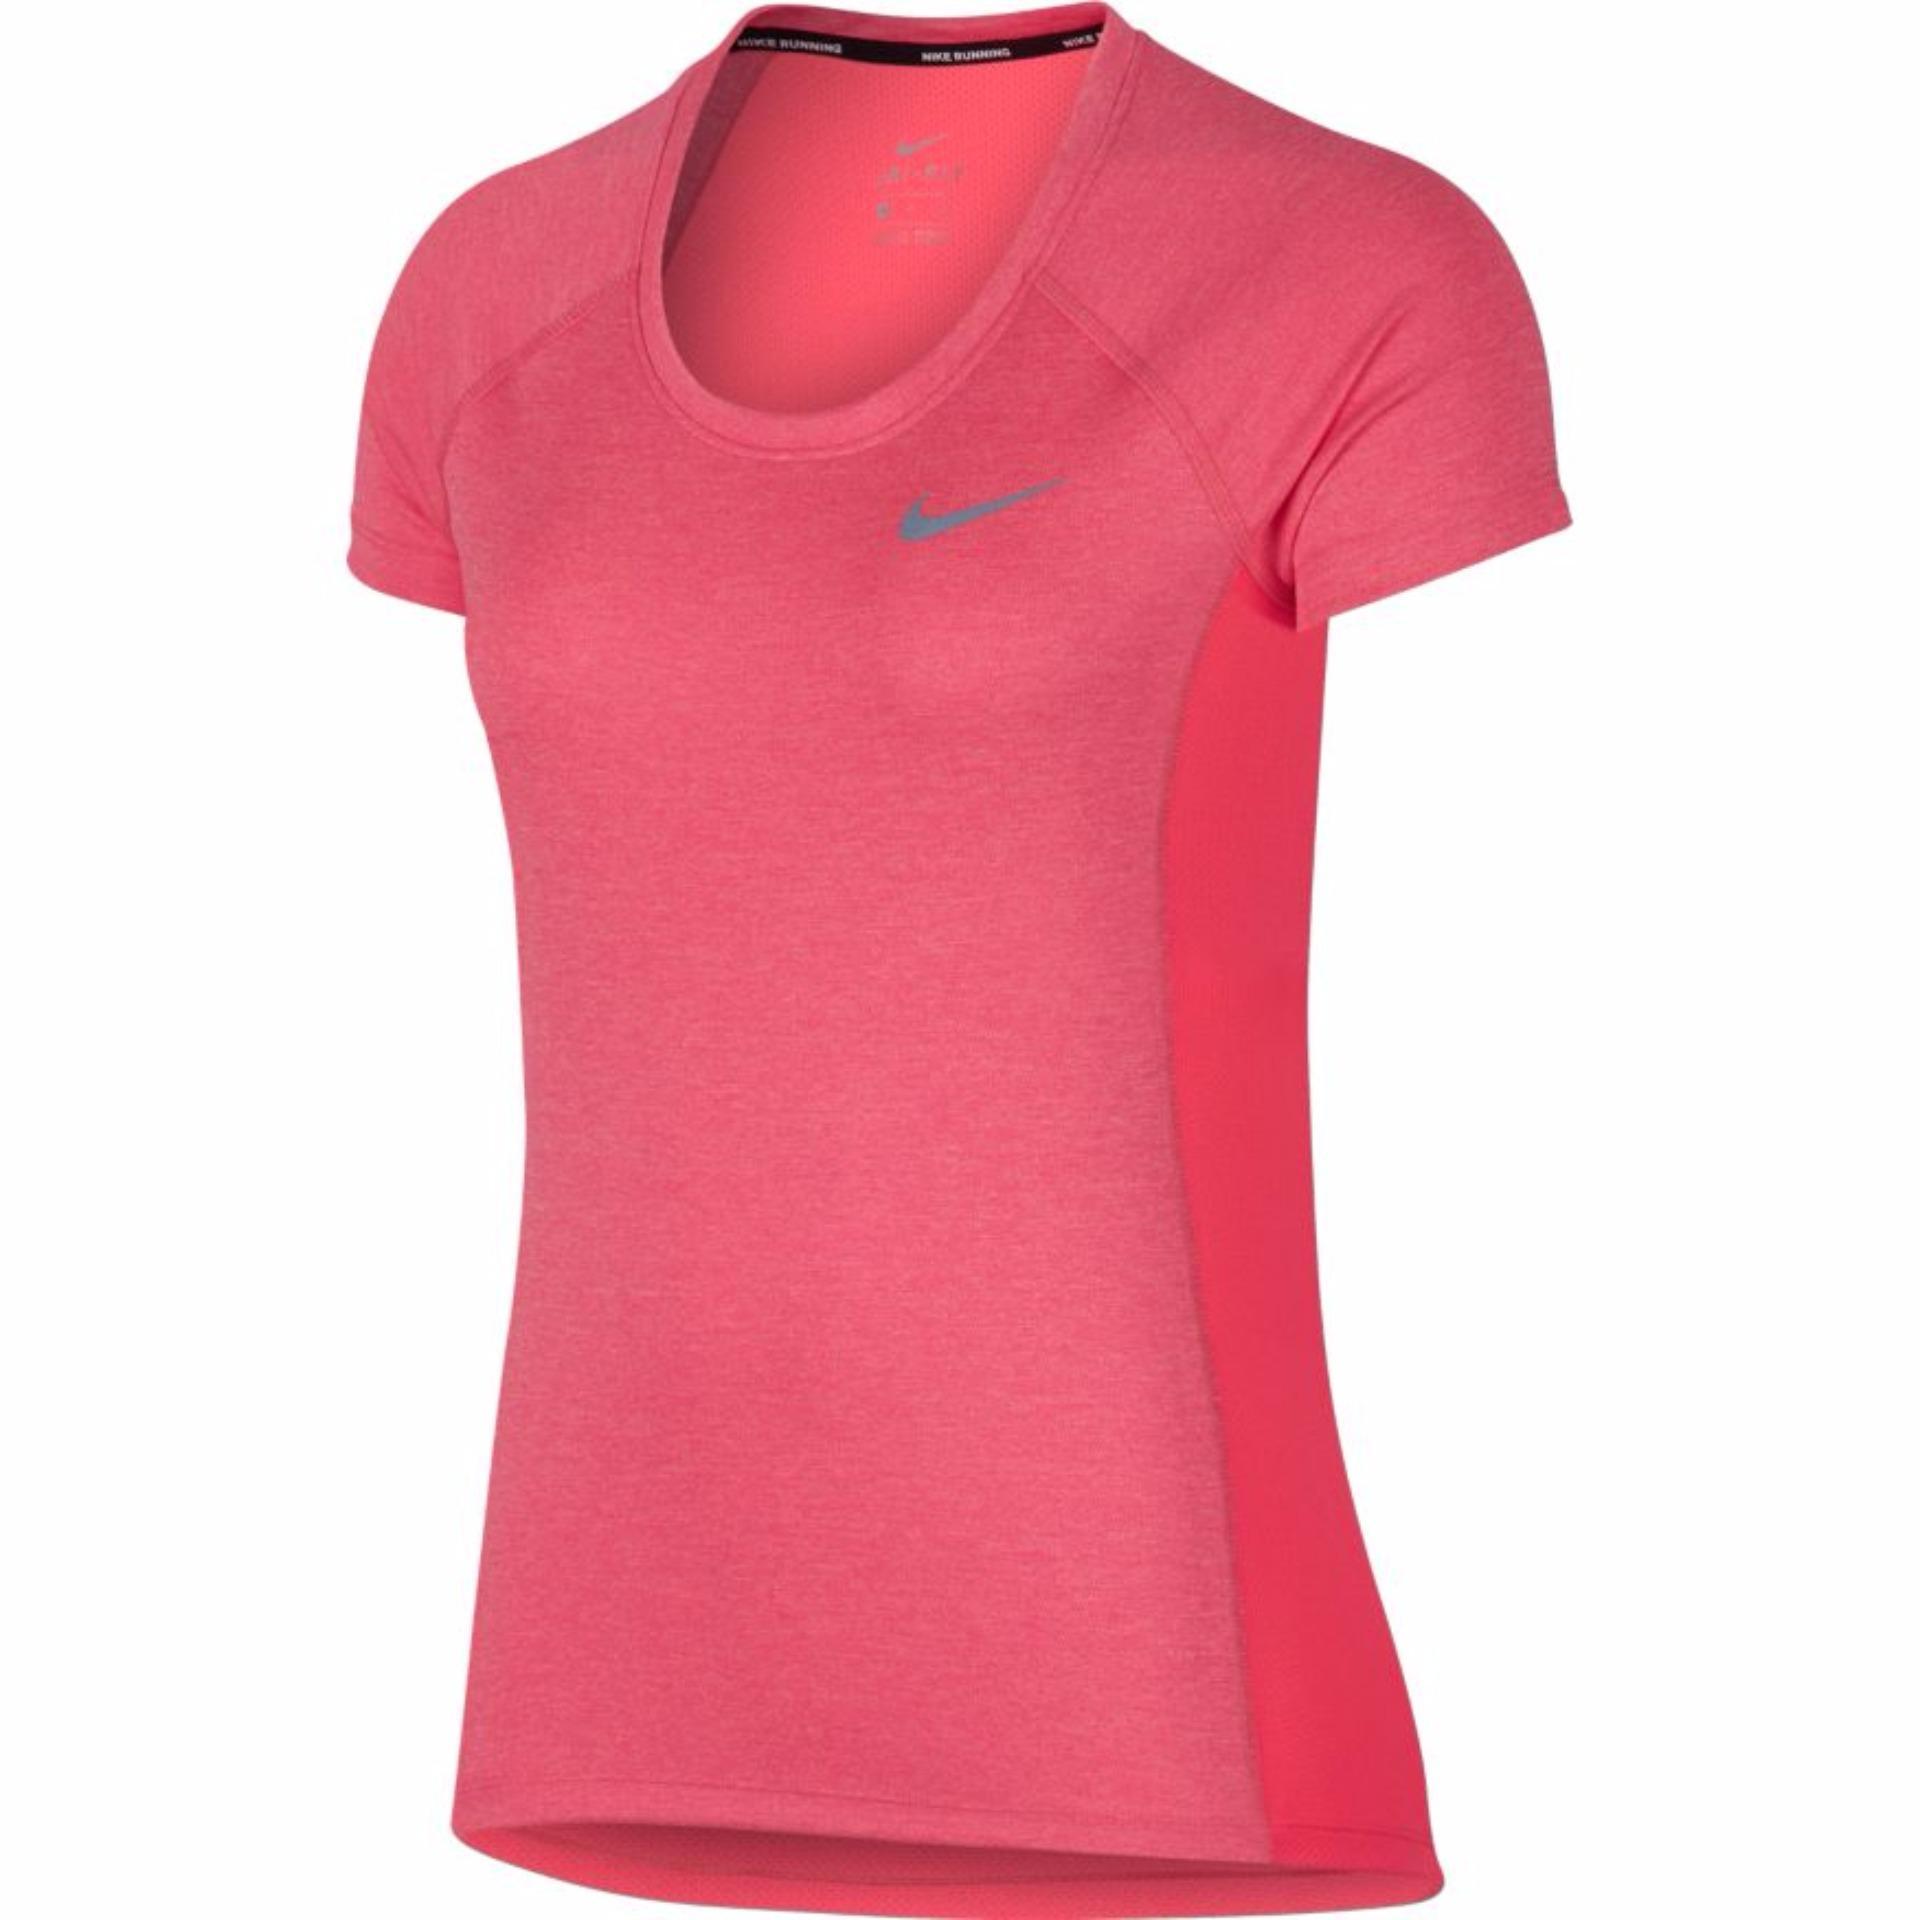 Kaos & Atasan Olahraga Wanita. Celana Olahraga Wanita. Baju Renang Olahraga Wanita. Sport